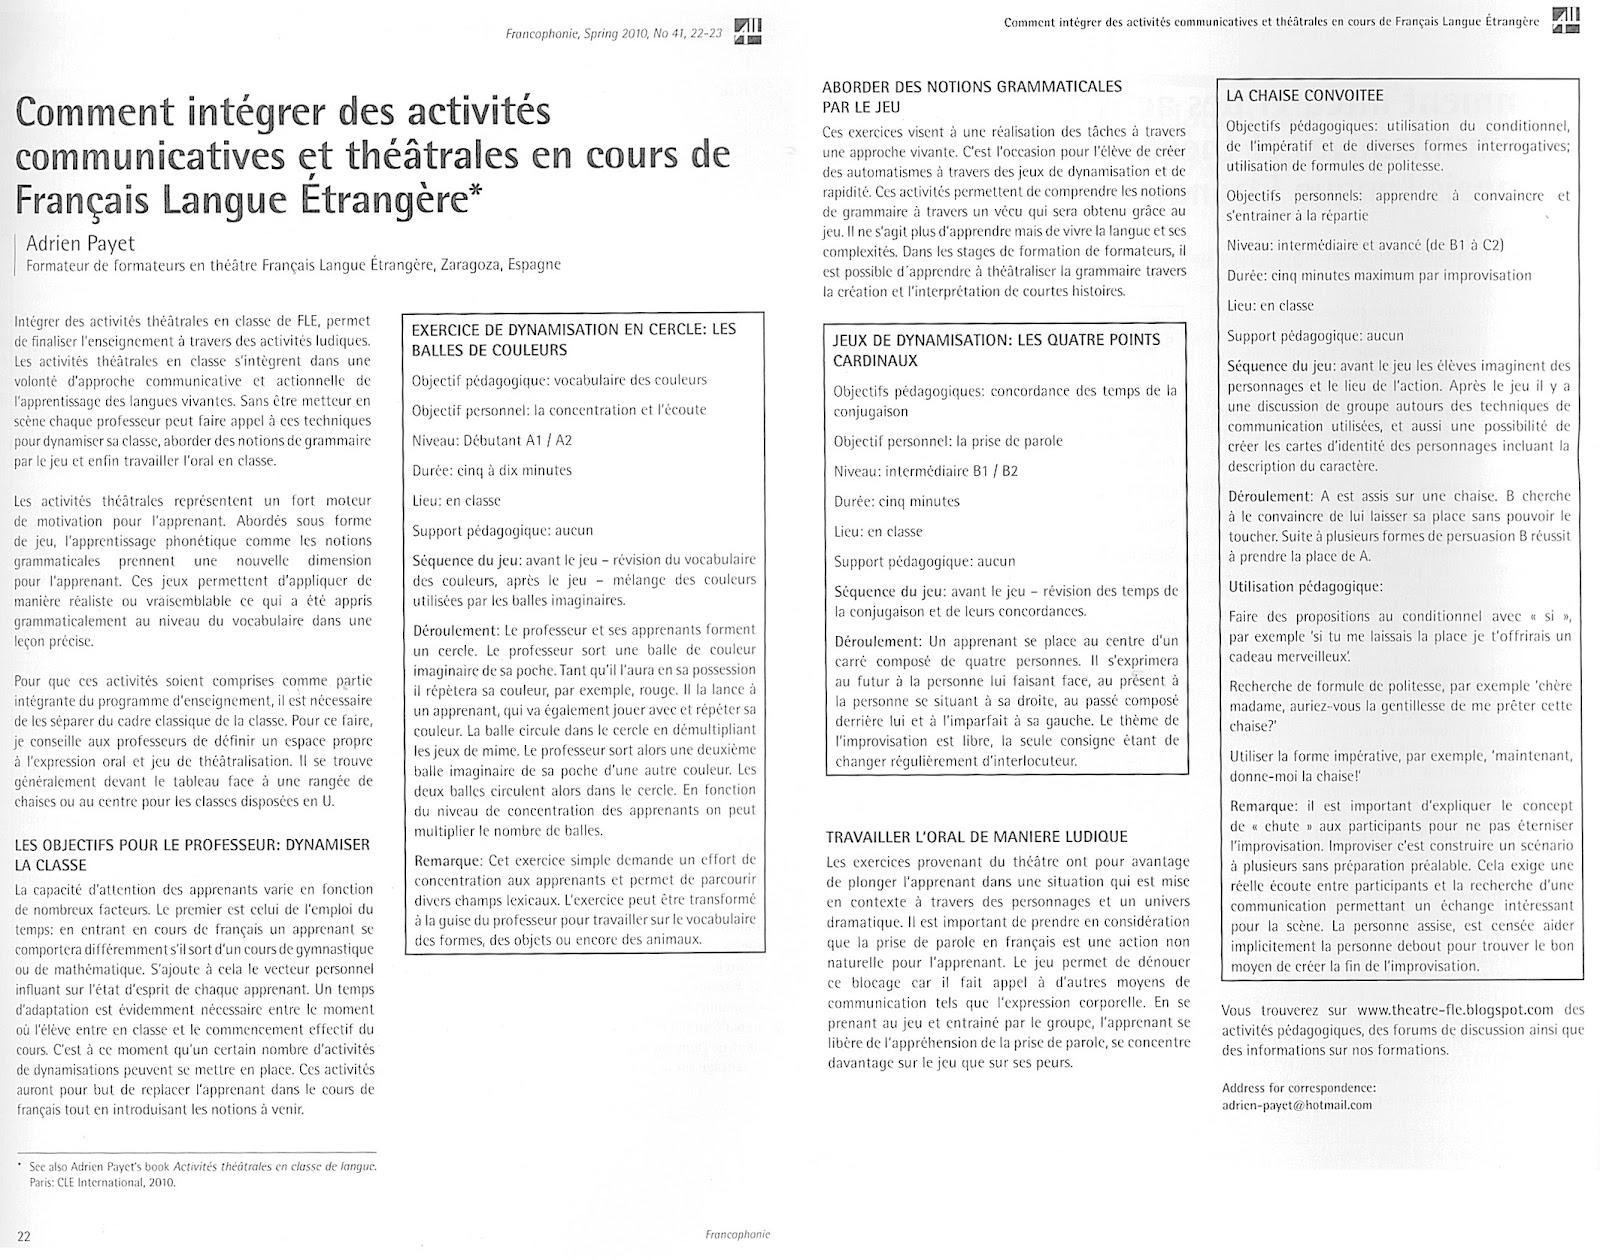 Idées D'activités Pour La Classe De Fle Fiches Pédagogiques pour Apprendre A Ecrire Le Francais Pour Debutant